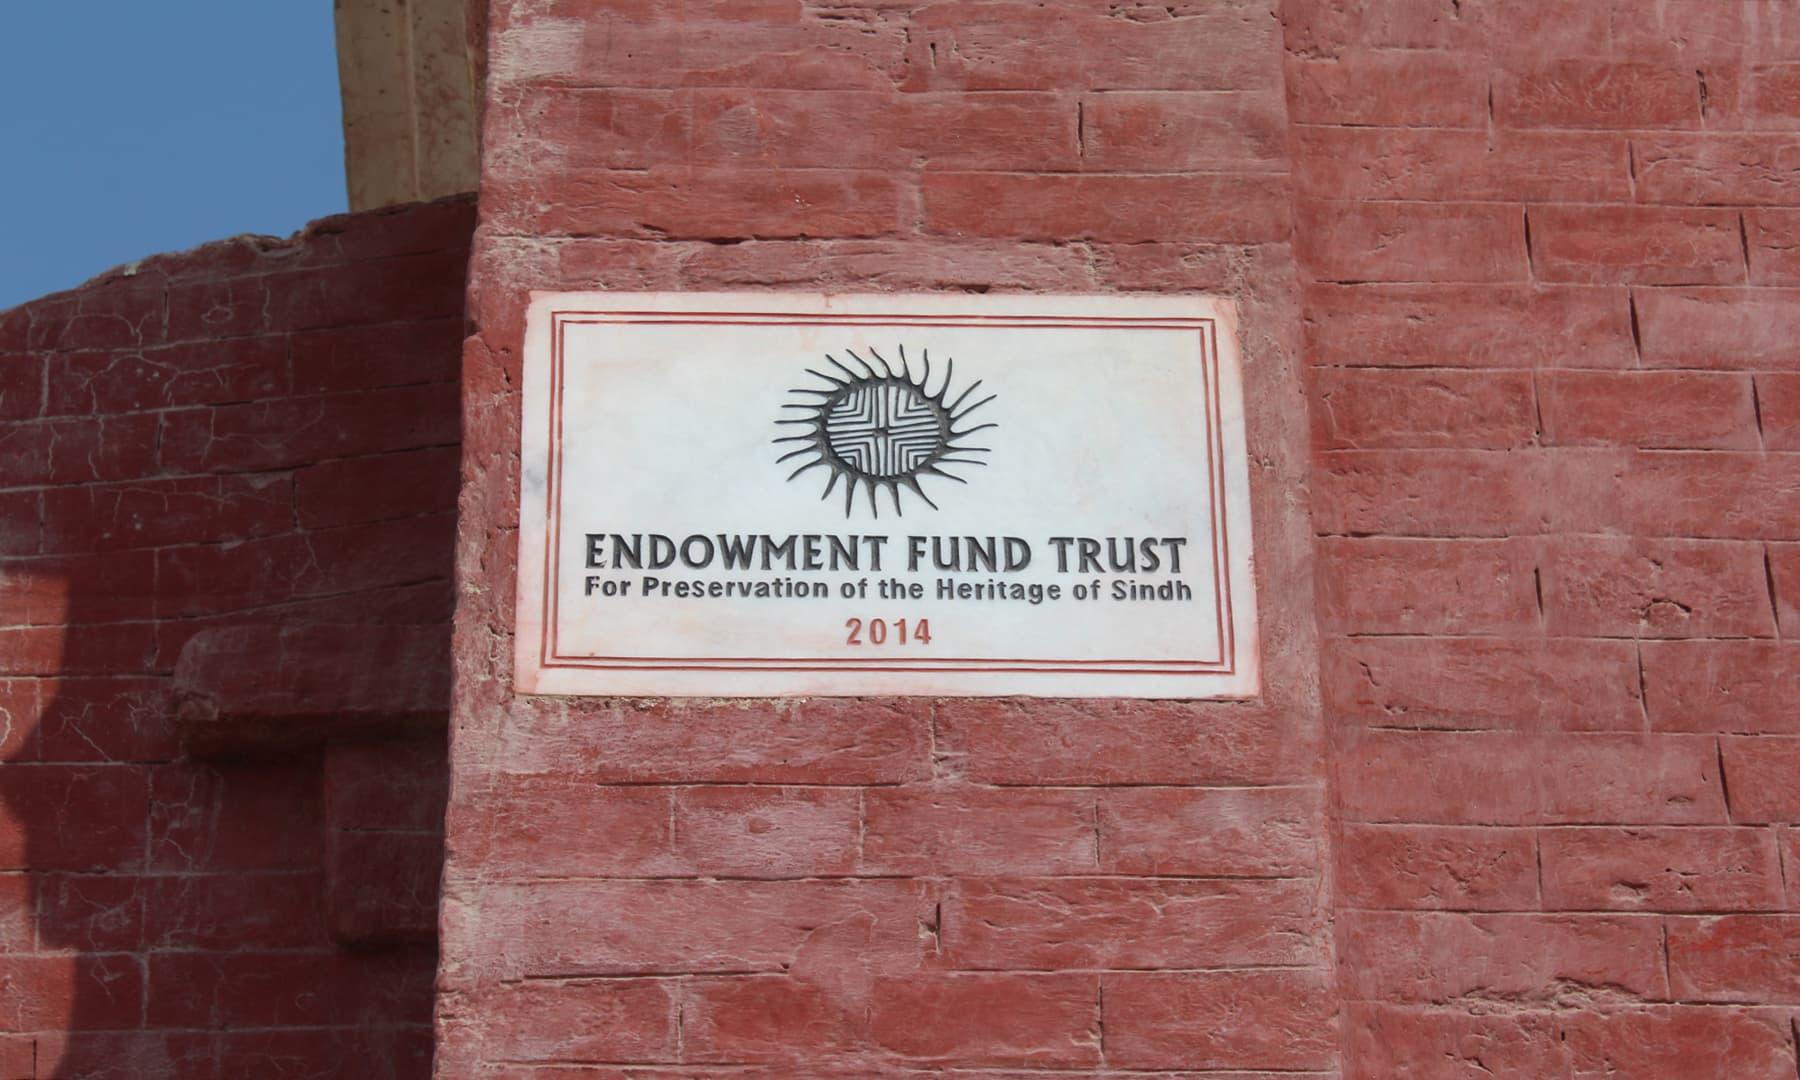 2014ء میں دربار کی مرمت کا کام سندھ انڈومیٹ فنڈ کے توسط سے کروایا گیا ہے